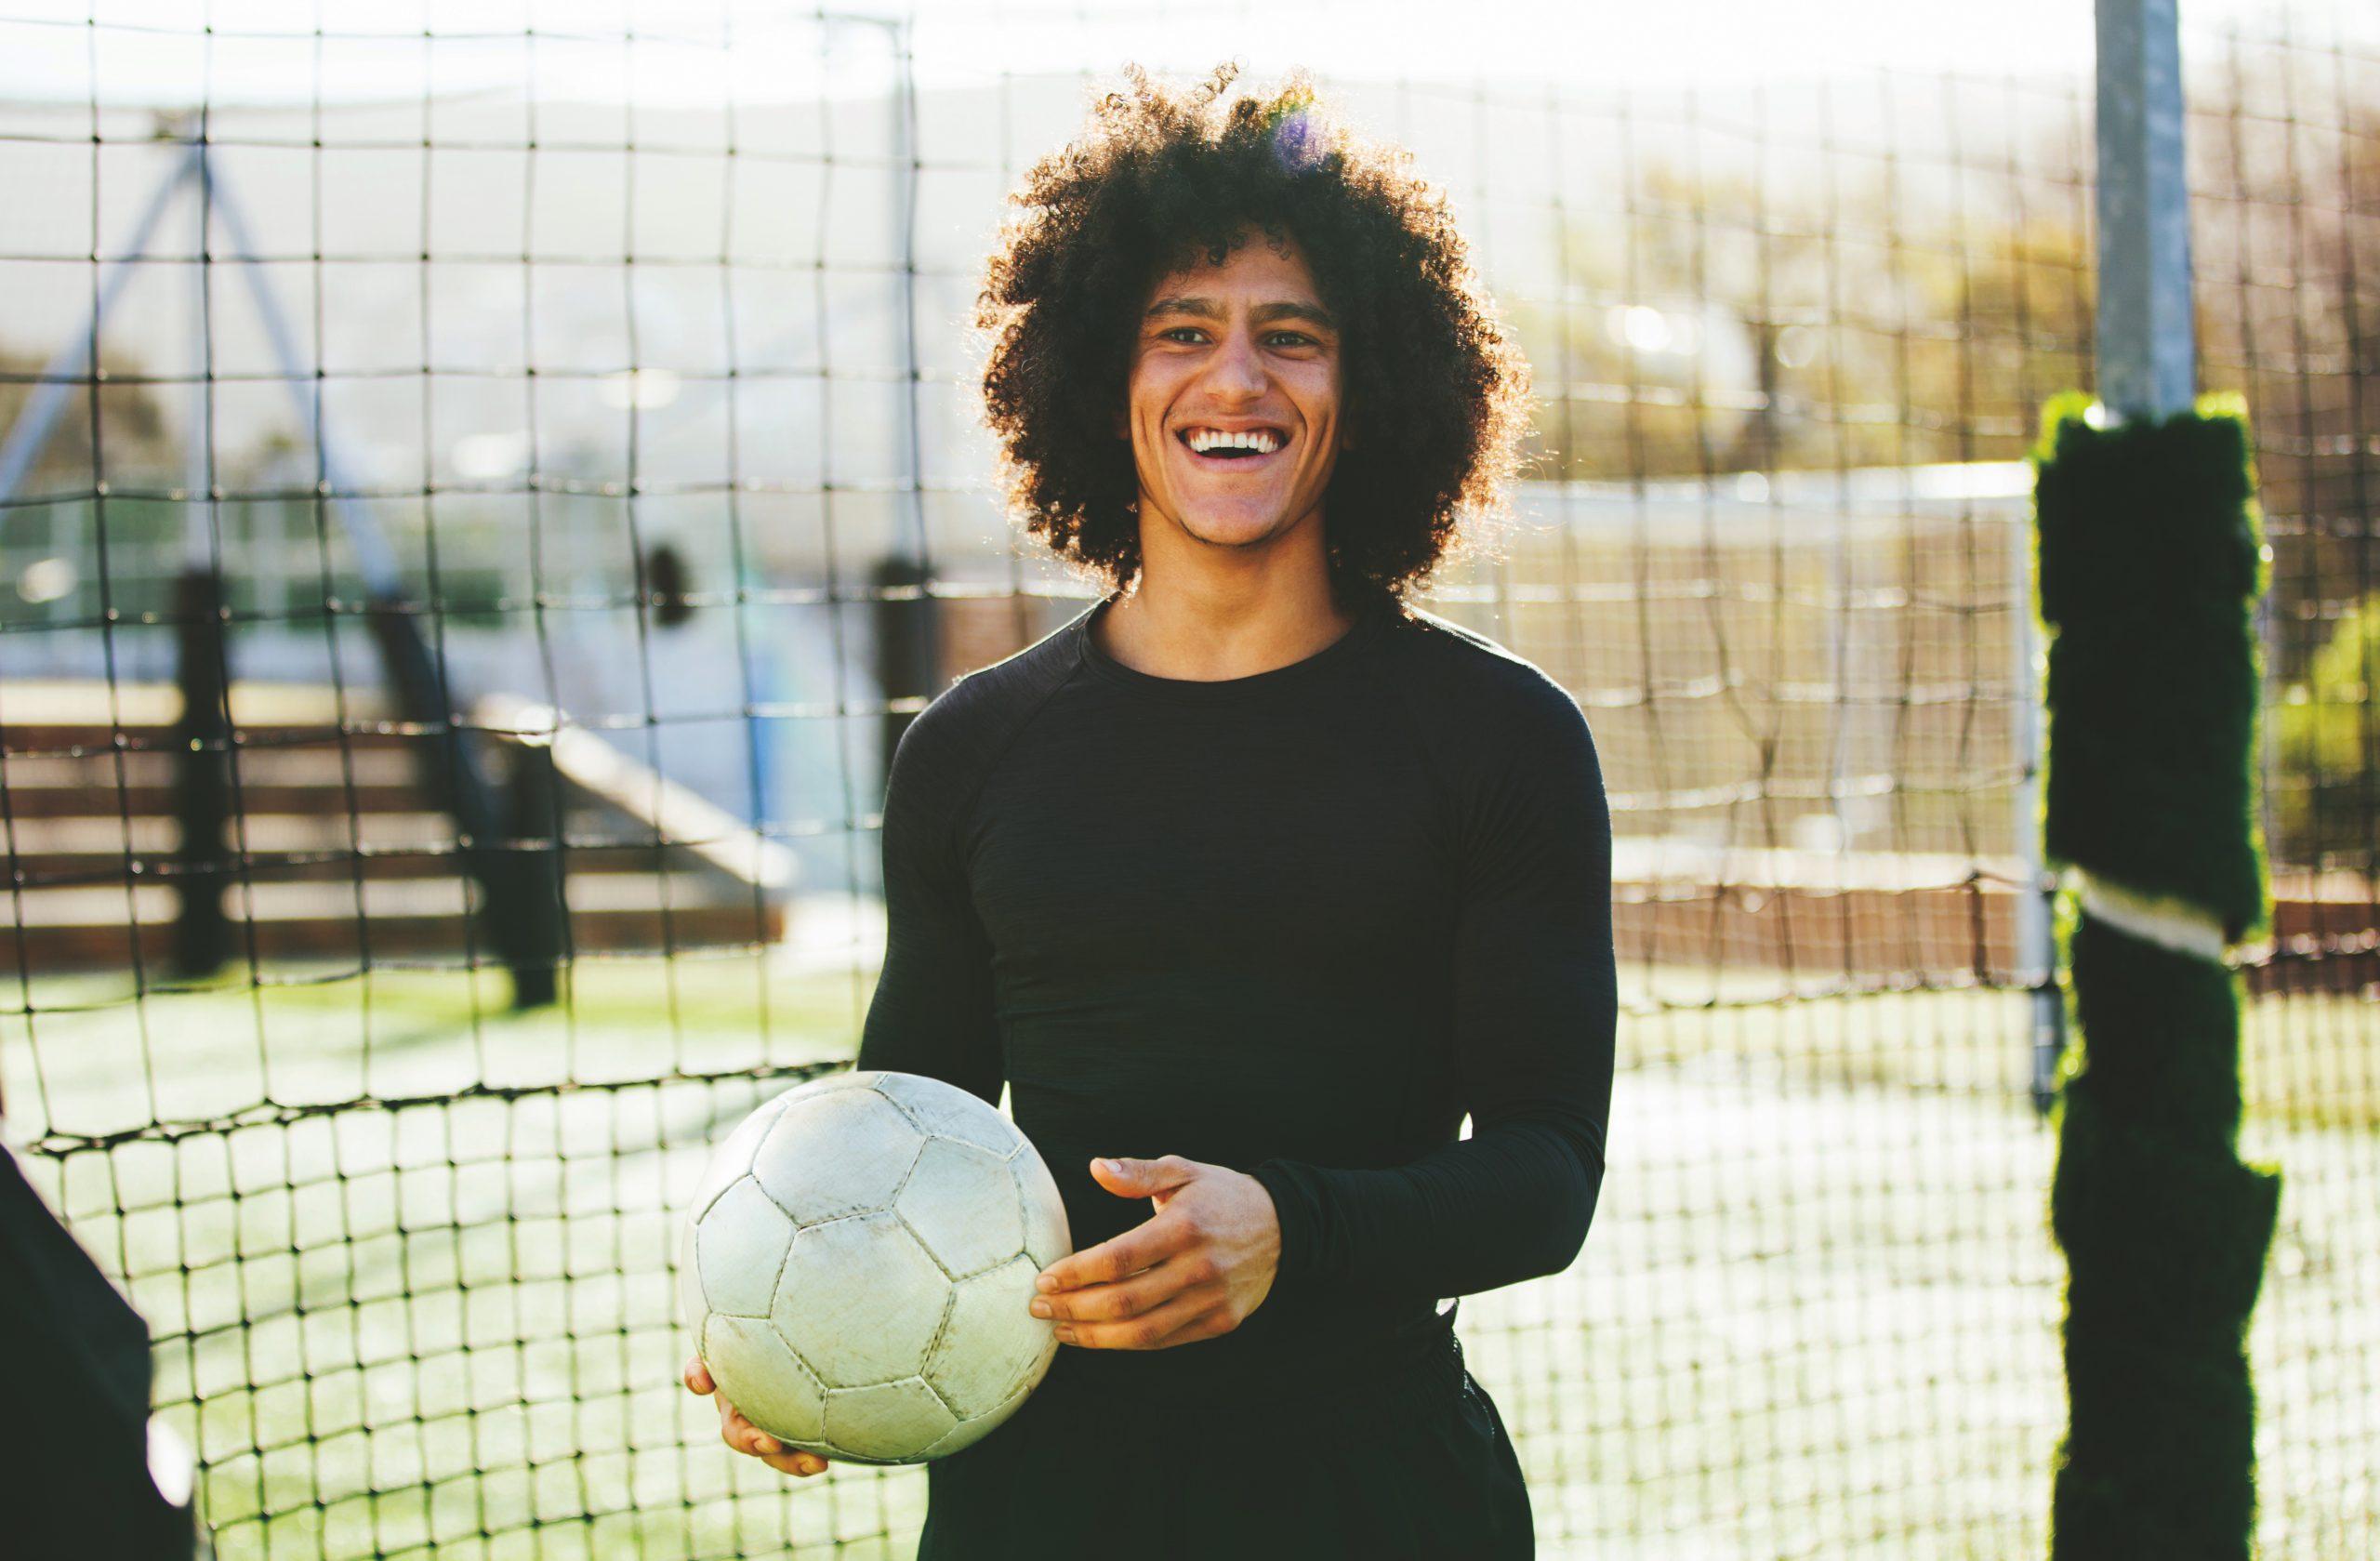 Kick-off Set Your Life Goals